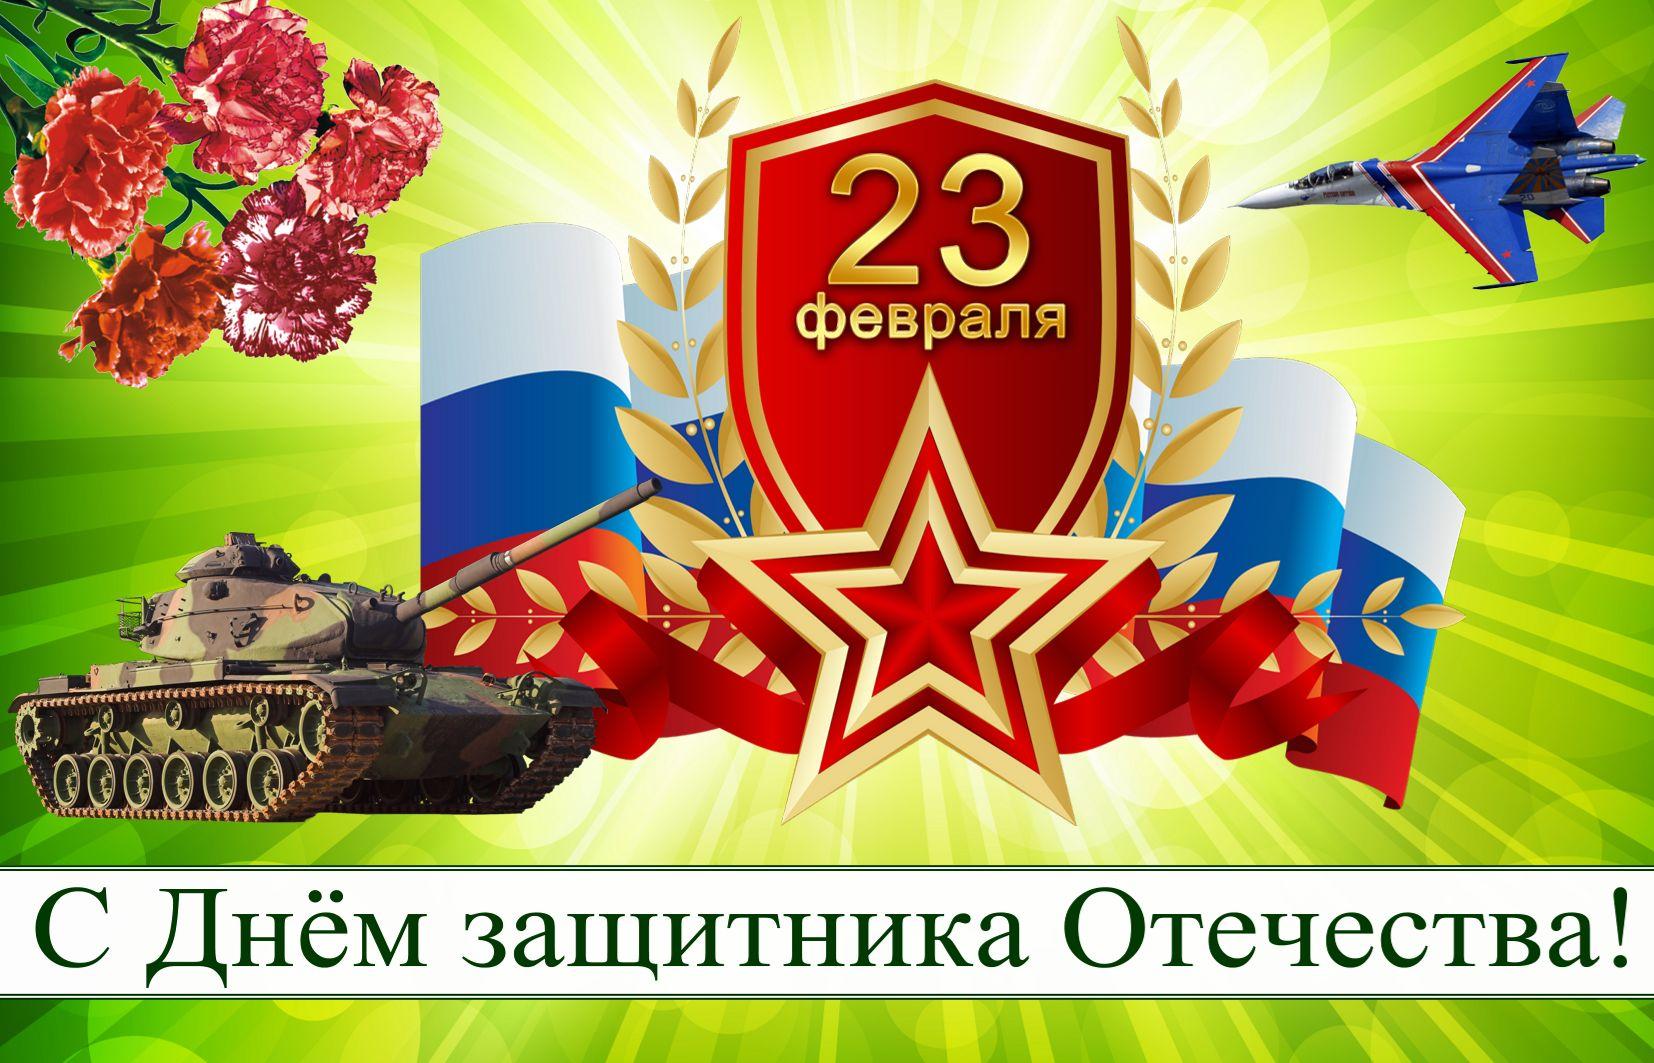 Открытка с 23 февраля - флаг России на фоне военной техники